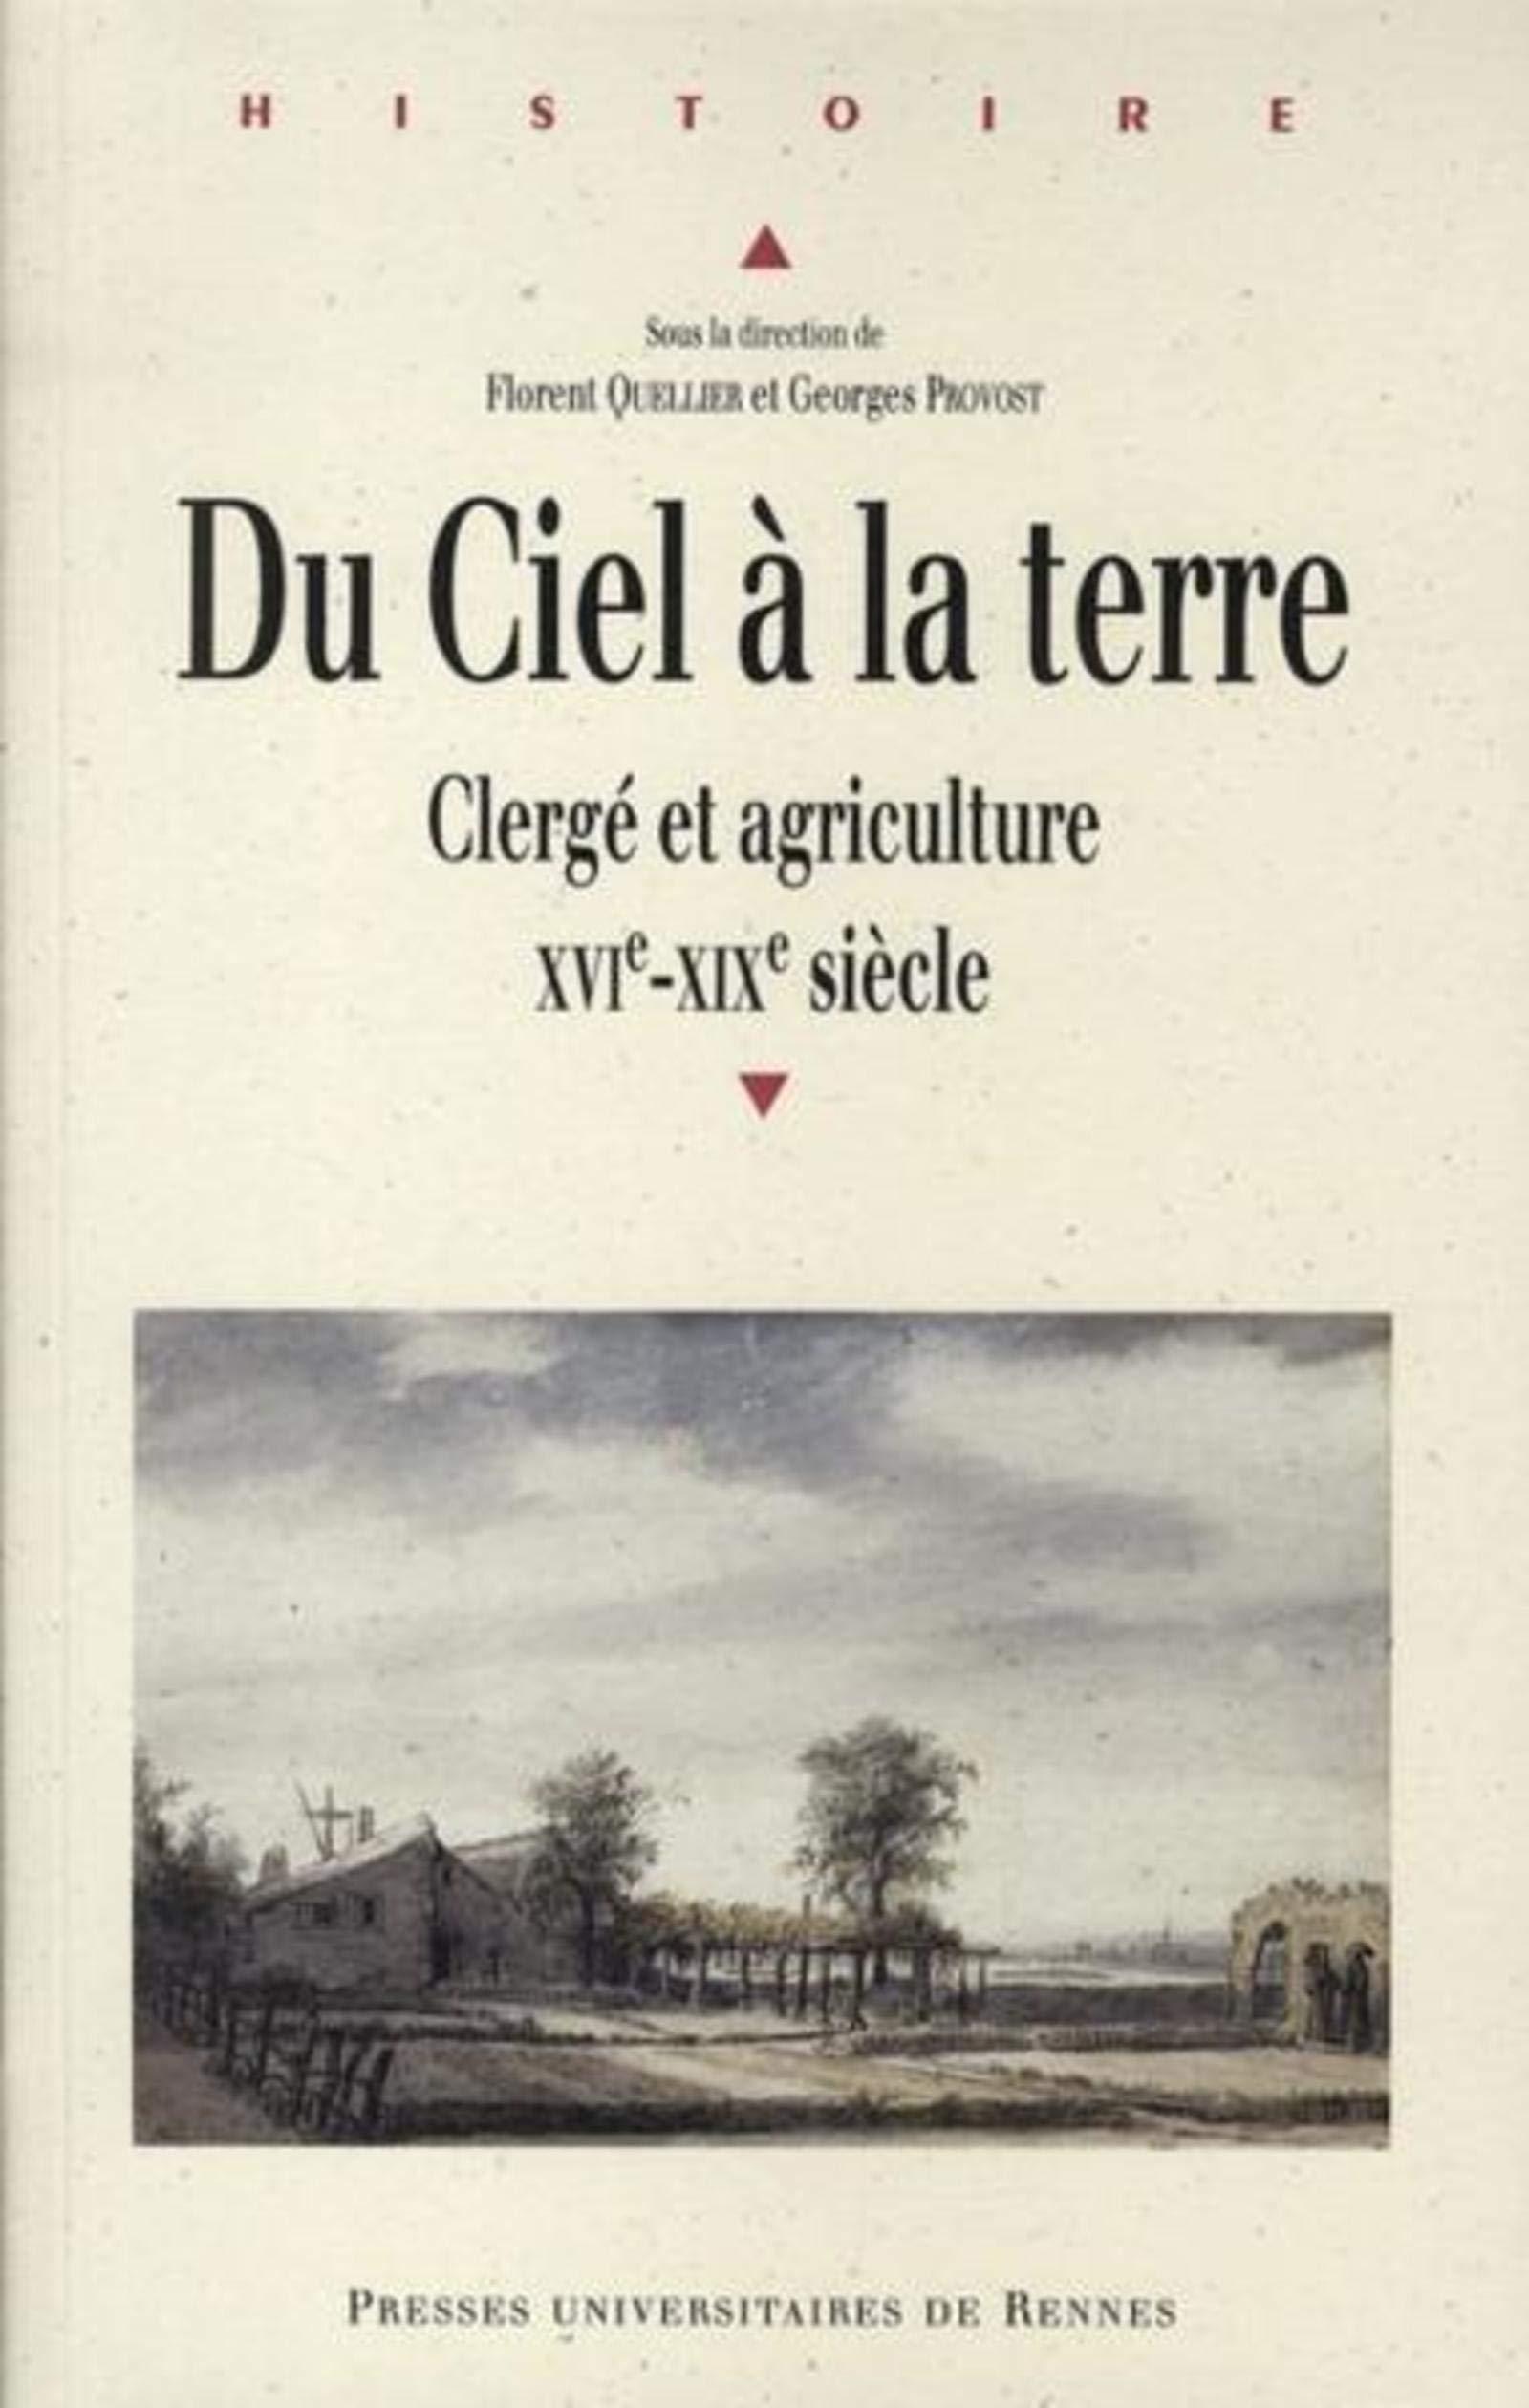 Amazon.fr - Du Ciel à la terre : Clergé et agriculture, XVIe-XIXe siècle -  Quellier, Florent, Provost, Georges, Collectif - Livres